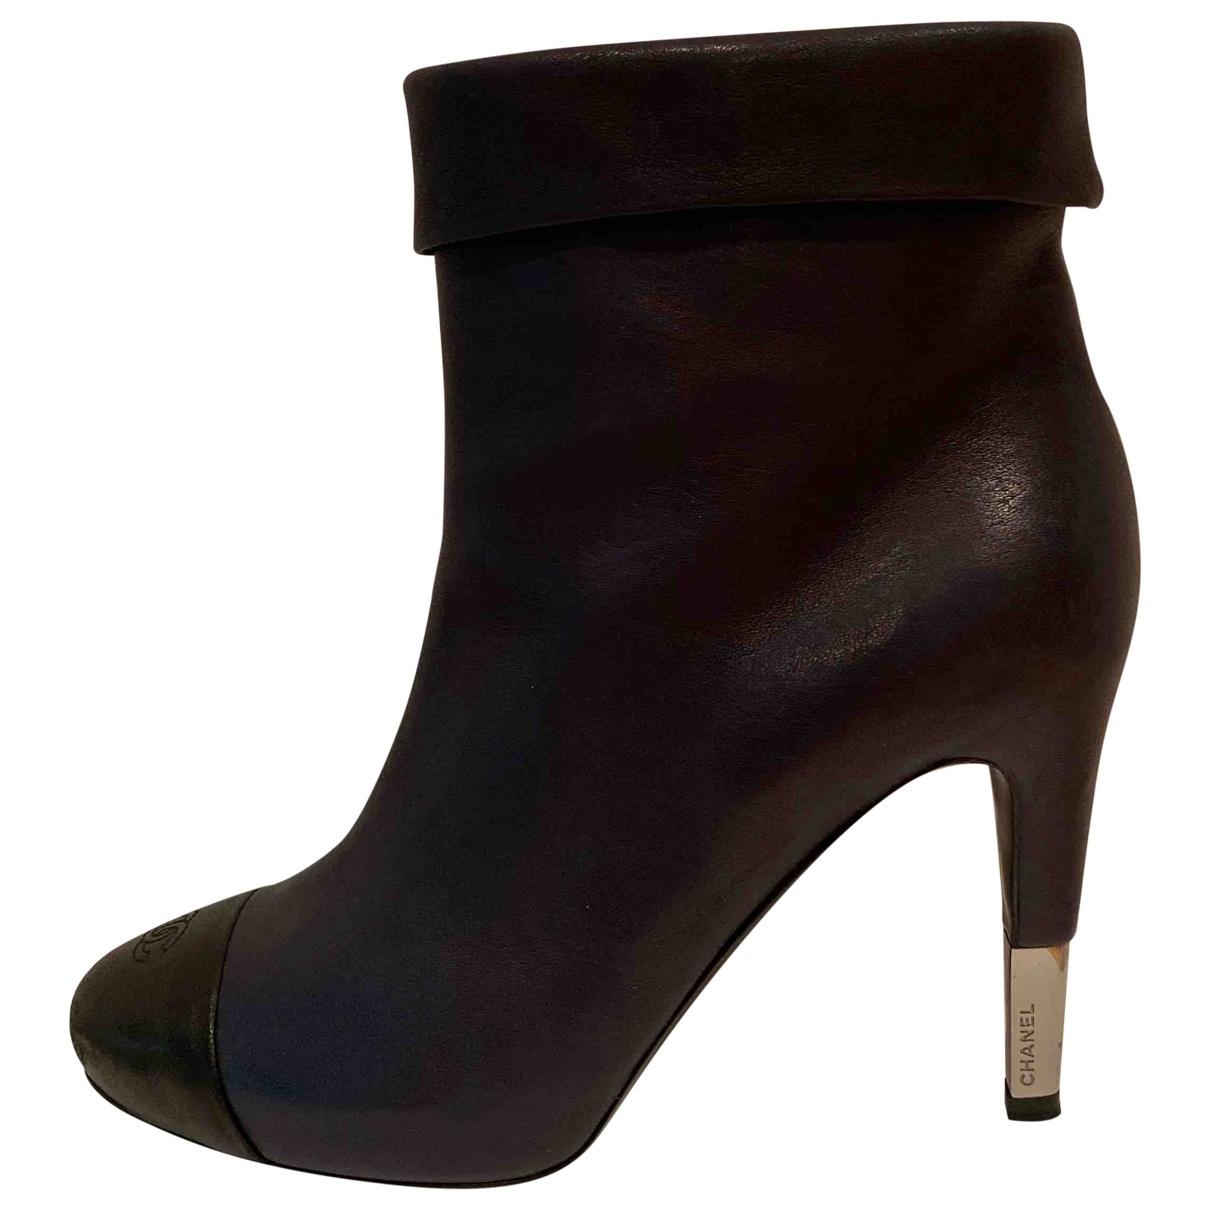 Chanel - Boots   pour femme en cuir - marine